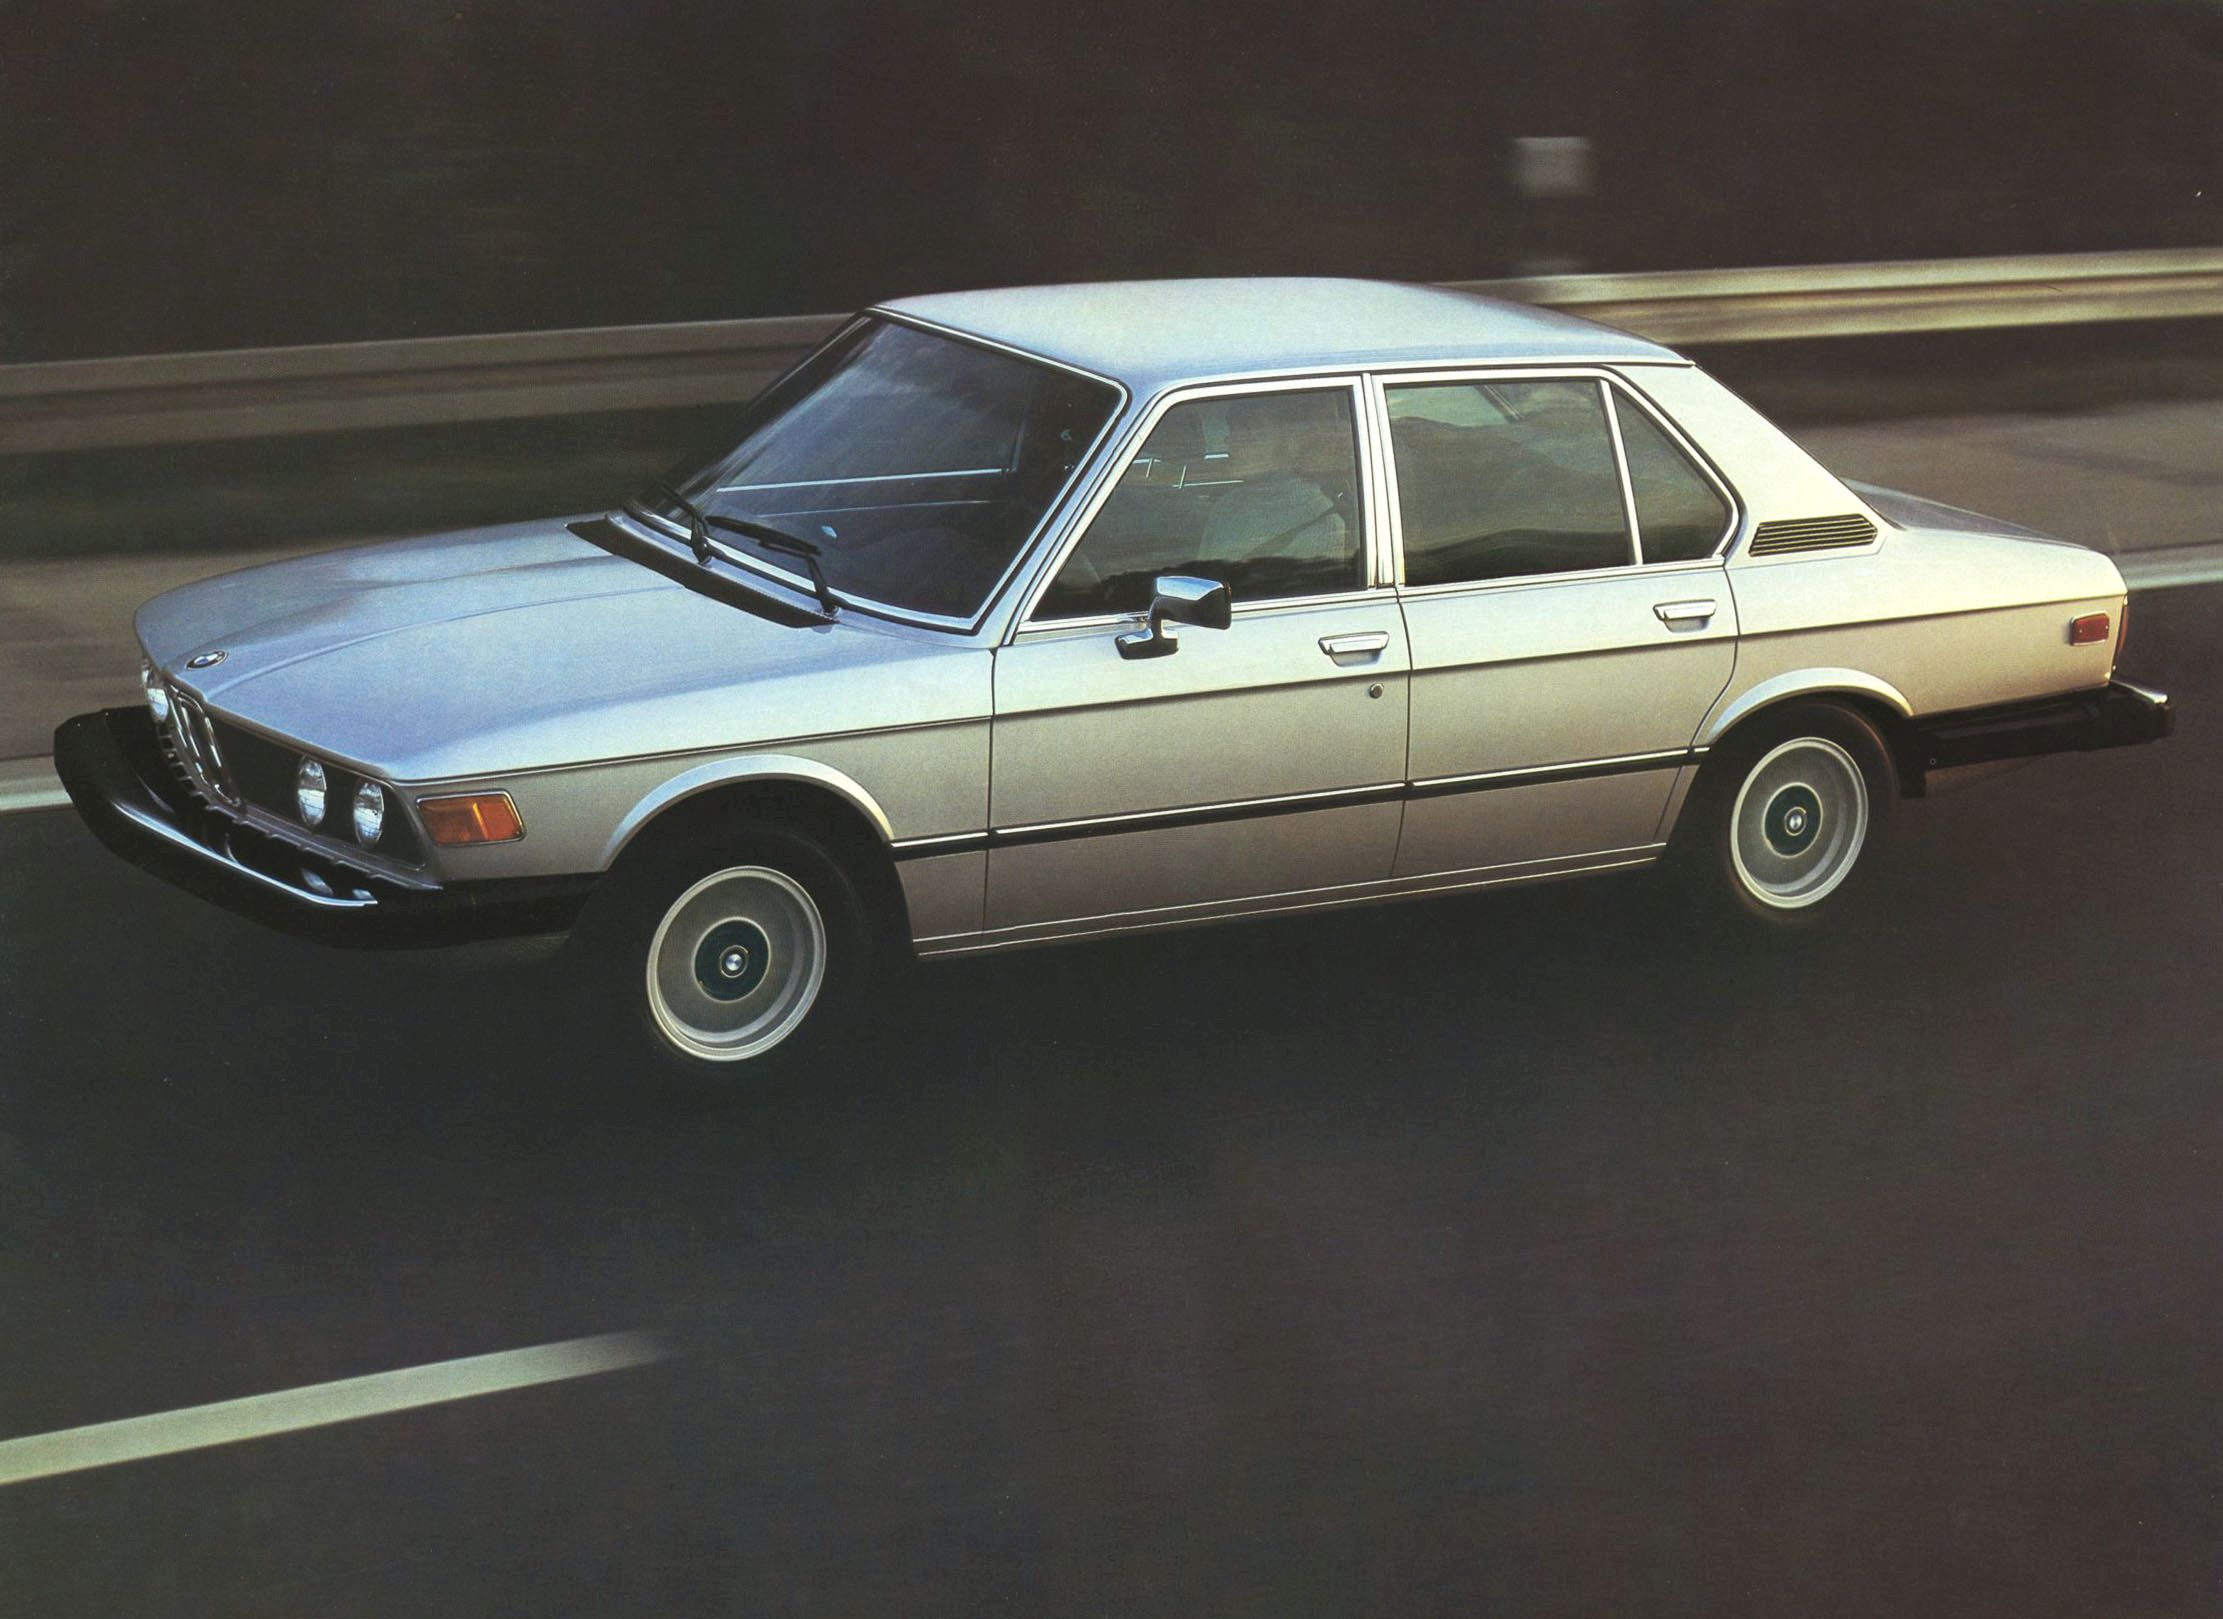 BMW I Brochure - 1977 bmw